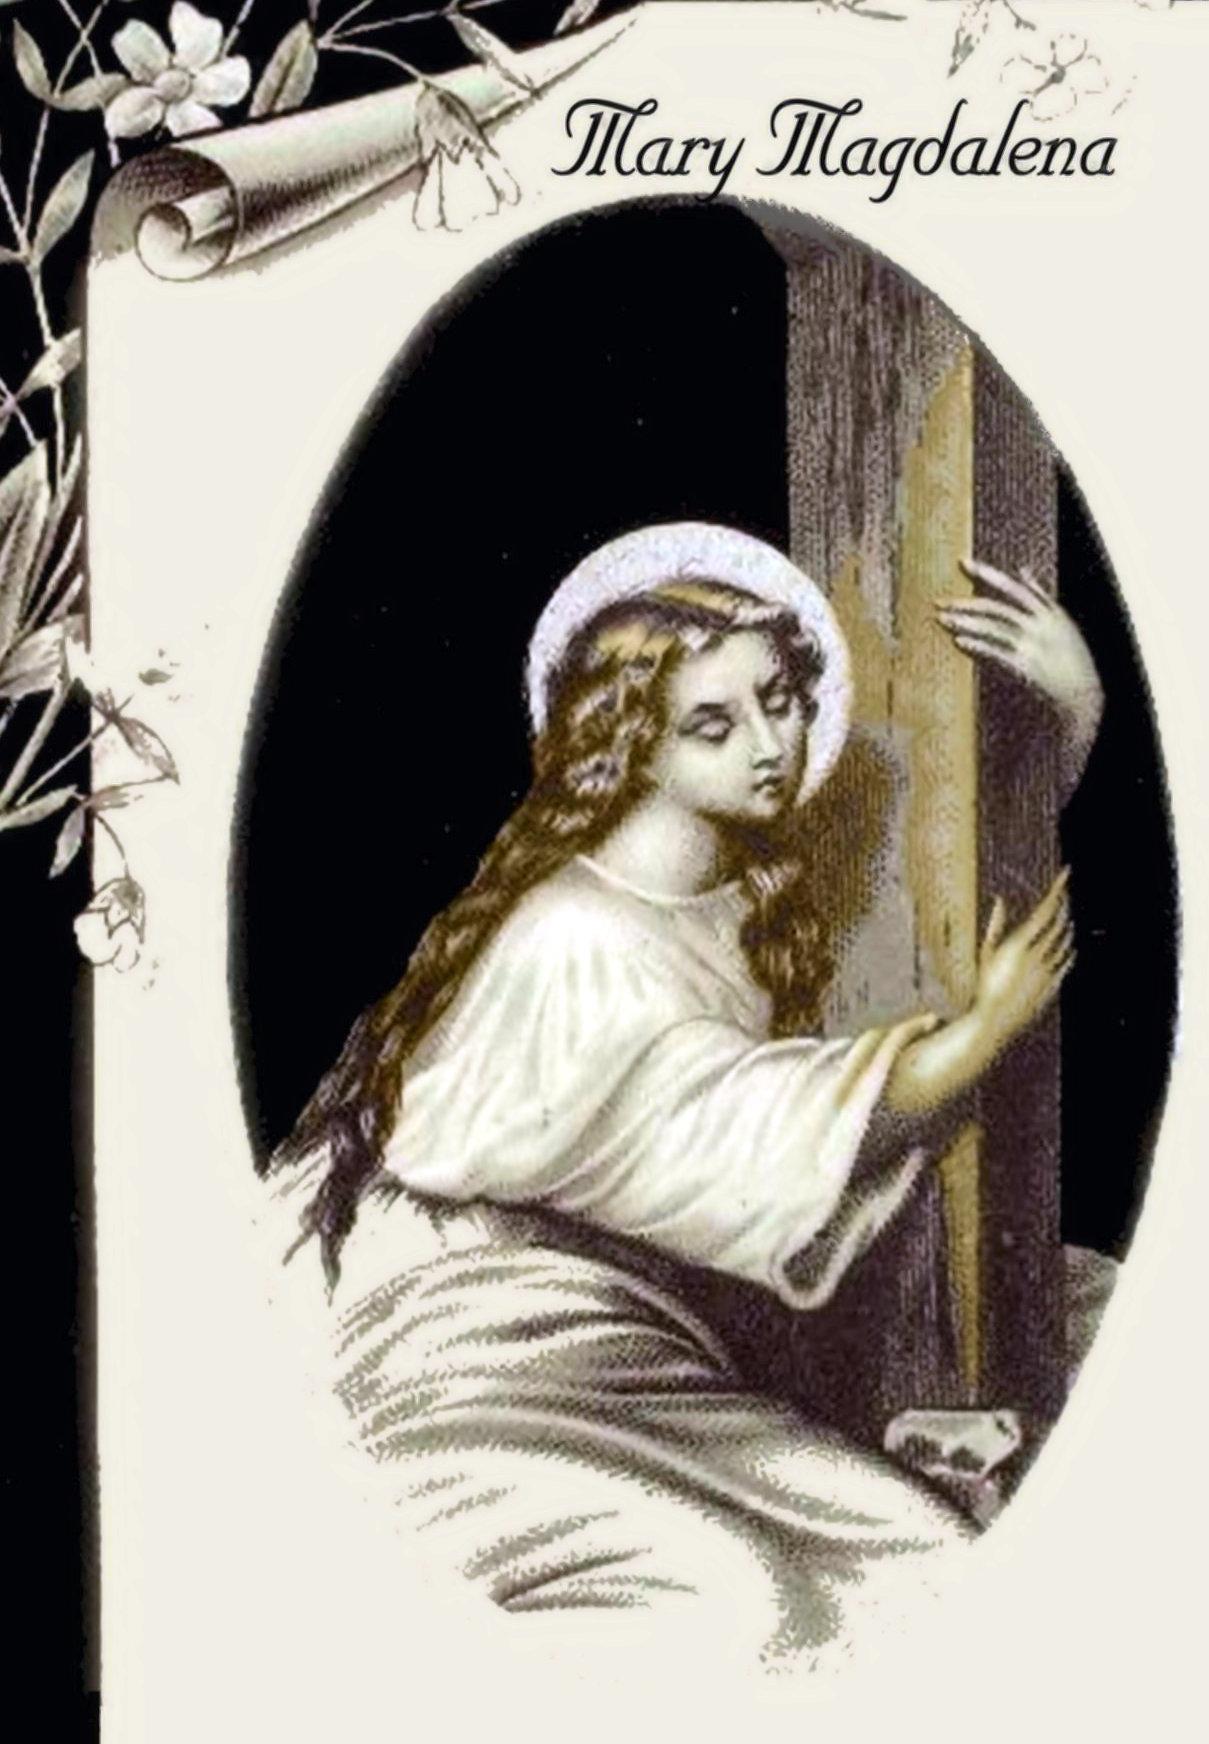 MaryMagdalen